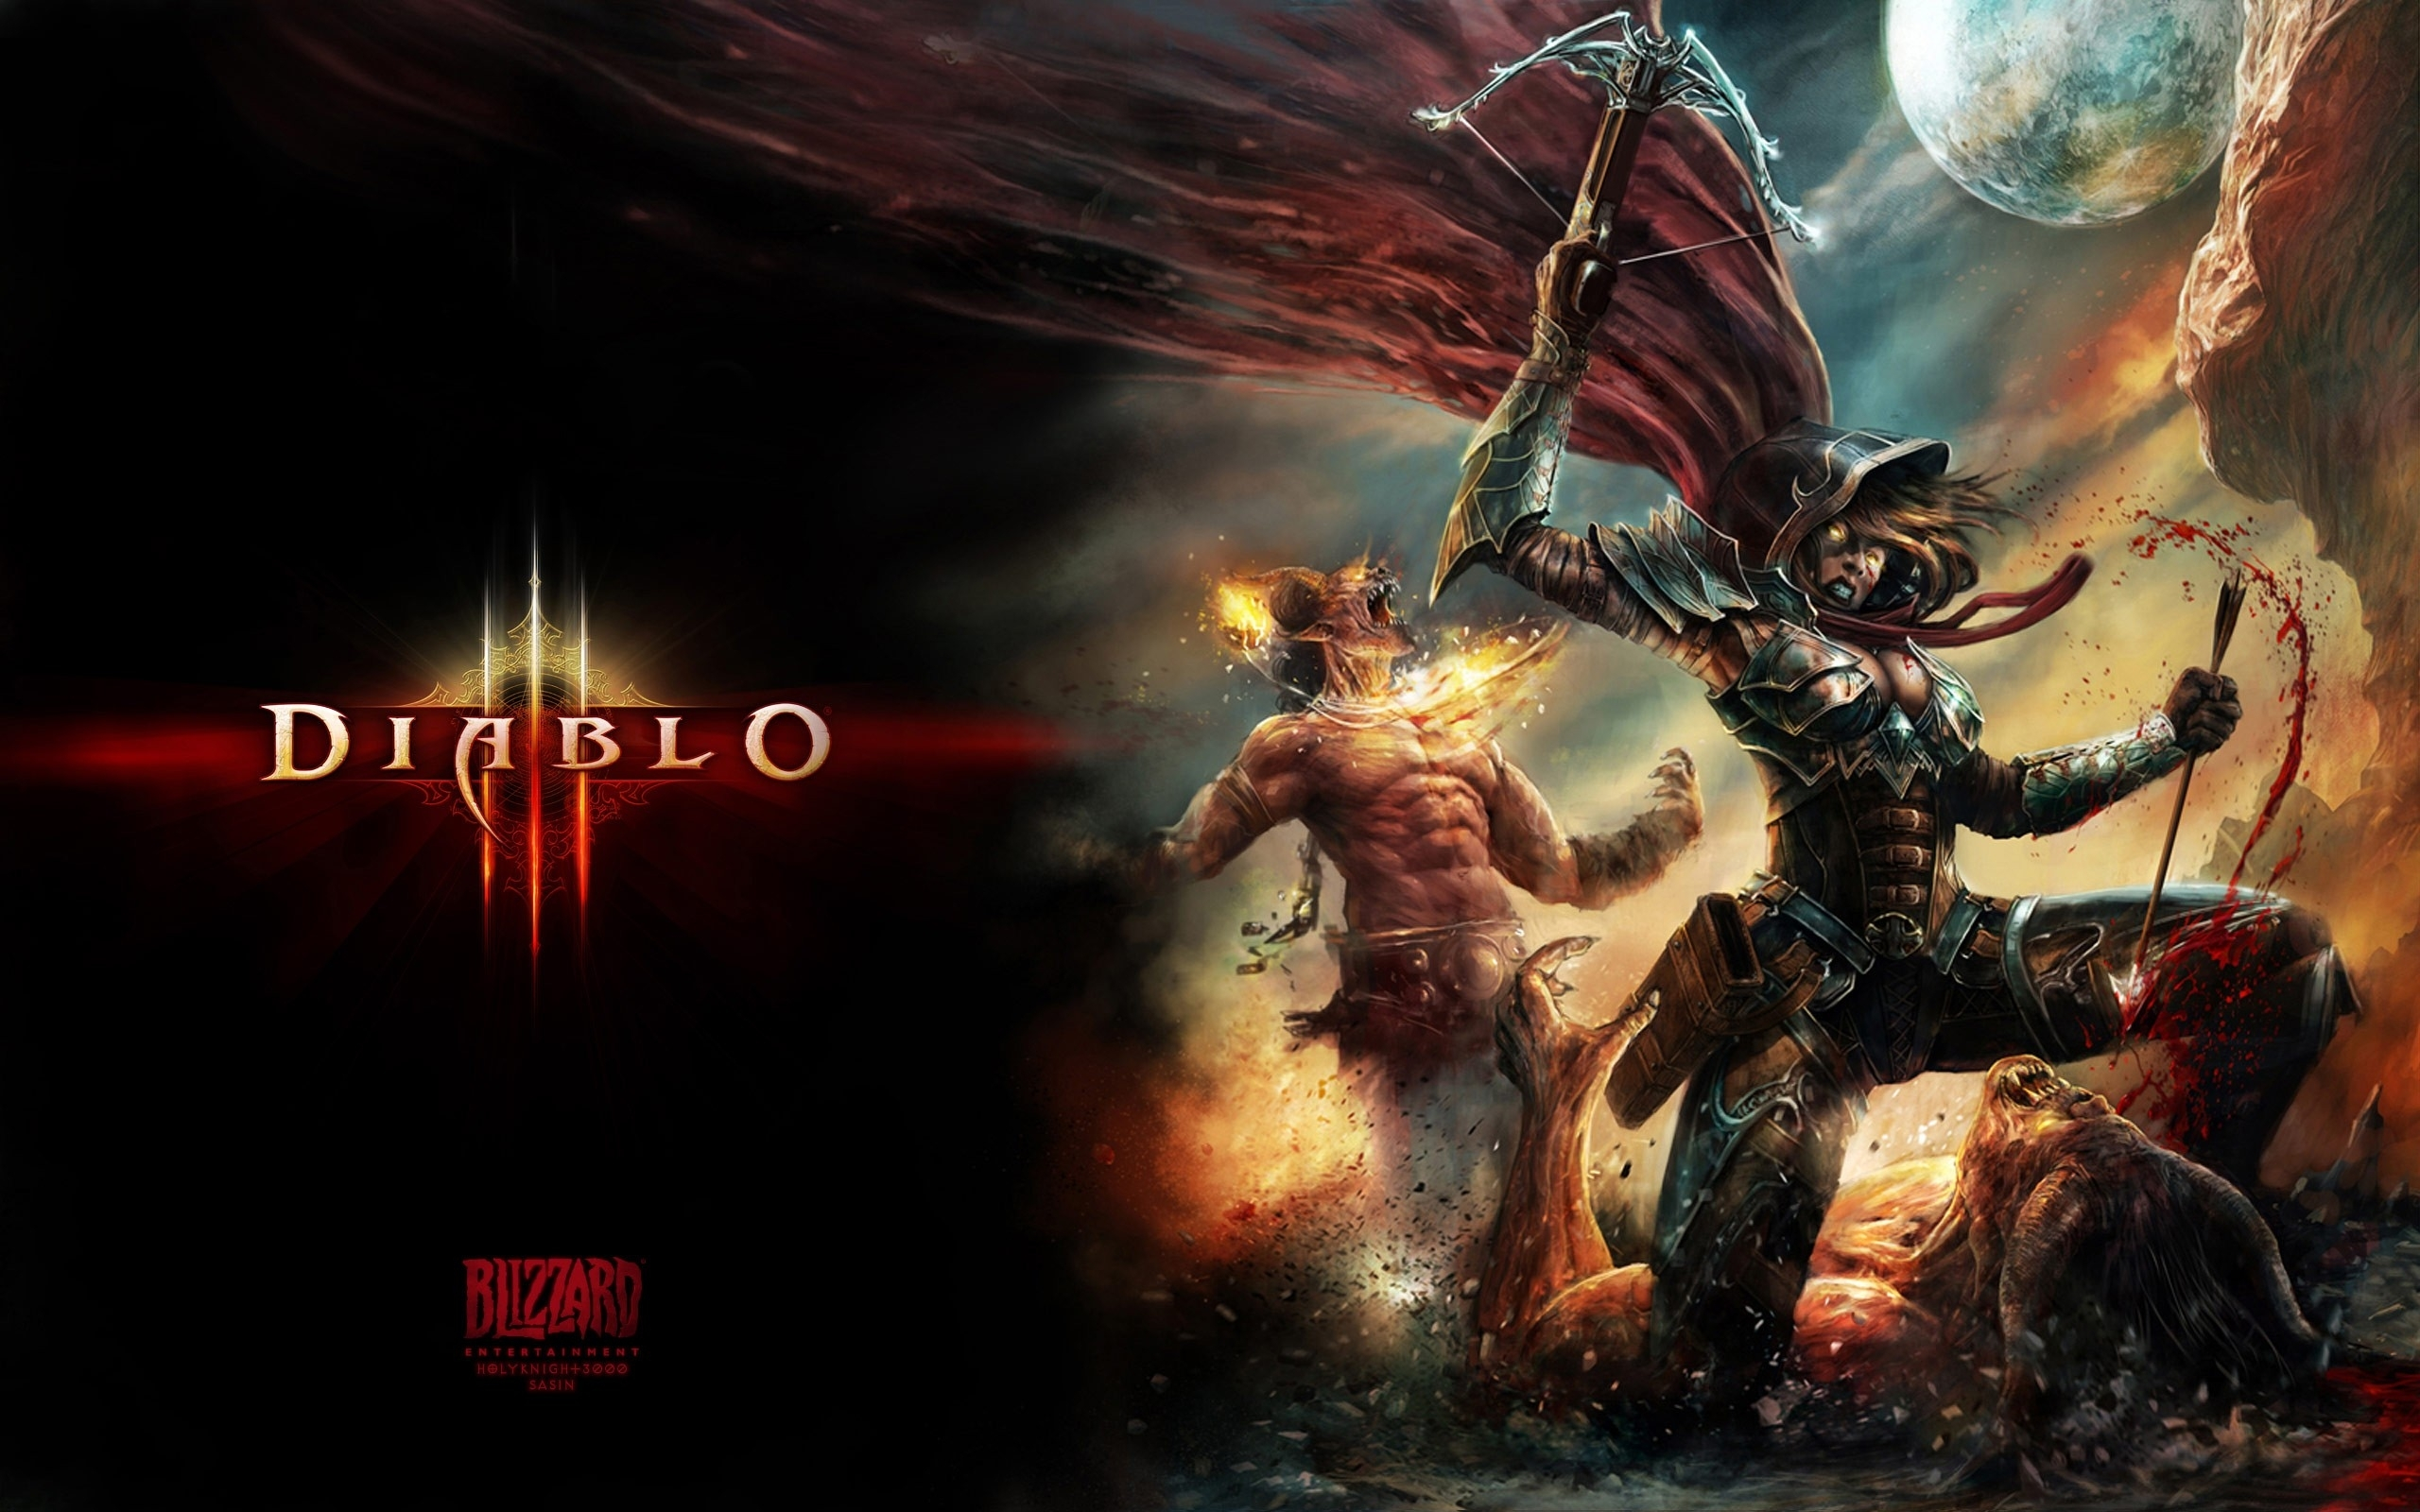 10 New Diablo Demon Hunter Wallpaper Full Hd 1920 1080 For Pc Background